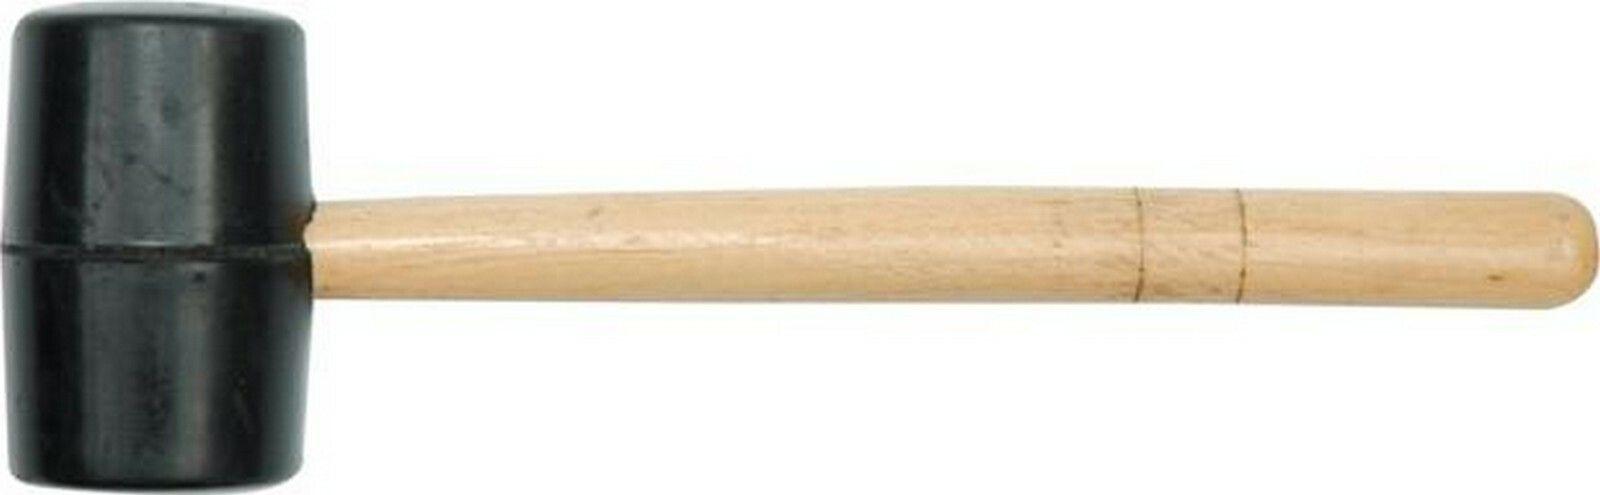 Palička gumová 45 mm TOYA